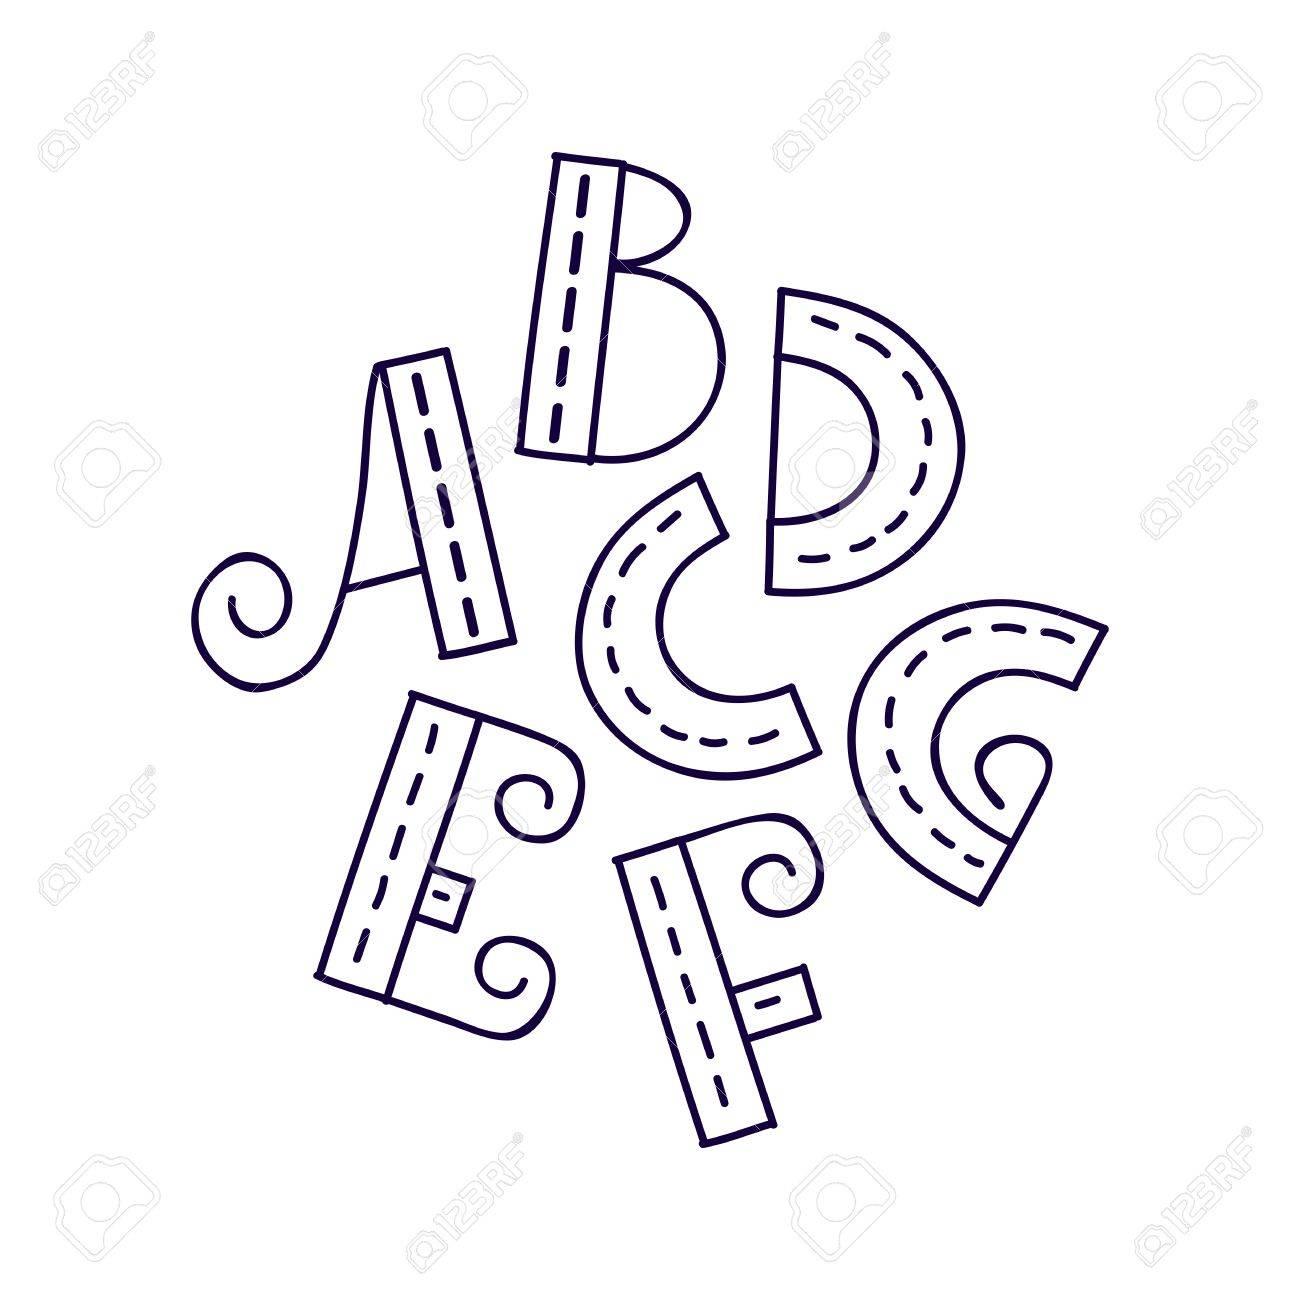 1300x1300 Hand Drawn Vector A B C D E F G Letters, Doodle Alphabet, Eps